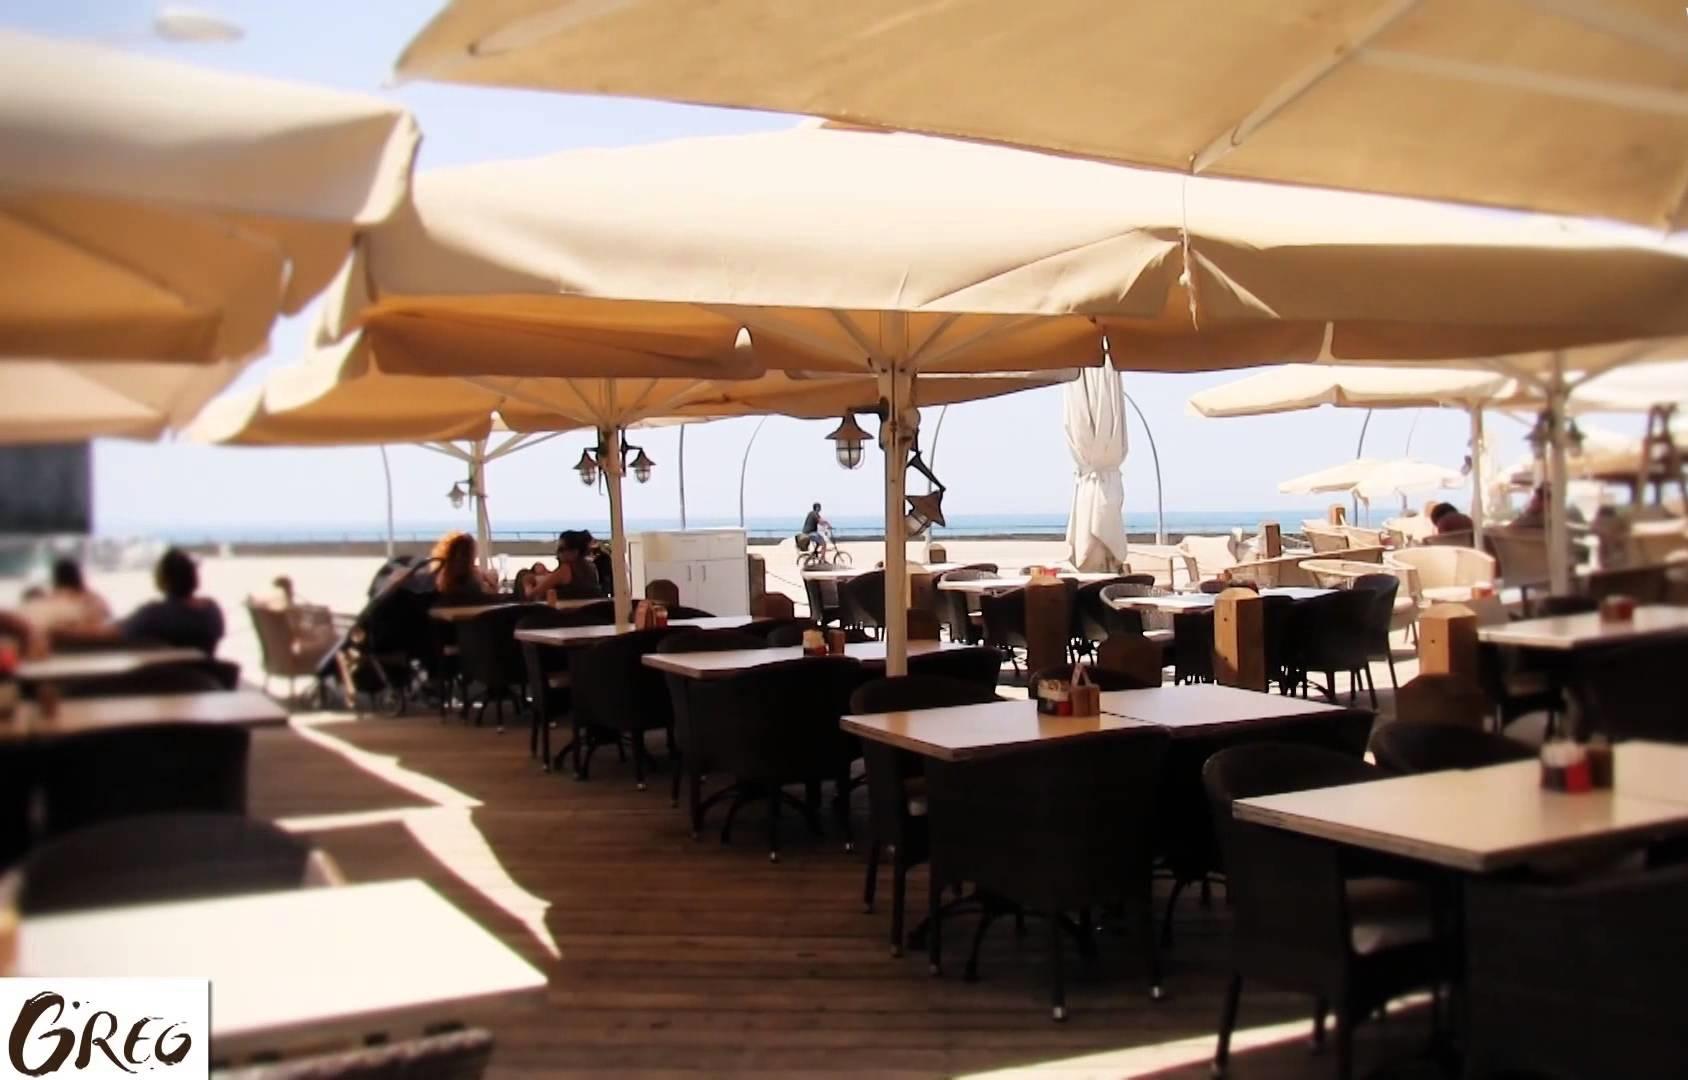 ביקור וטעימה: קפה גרג בנמל תל אביב